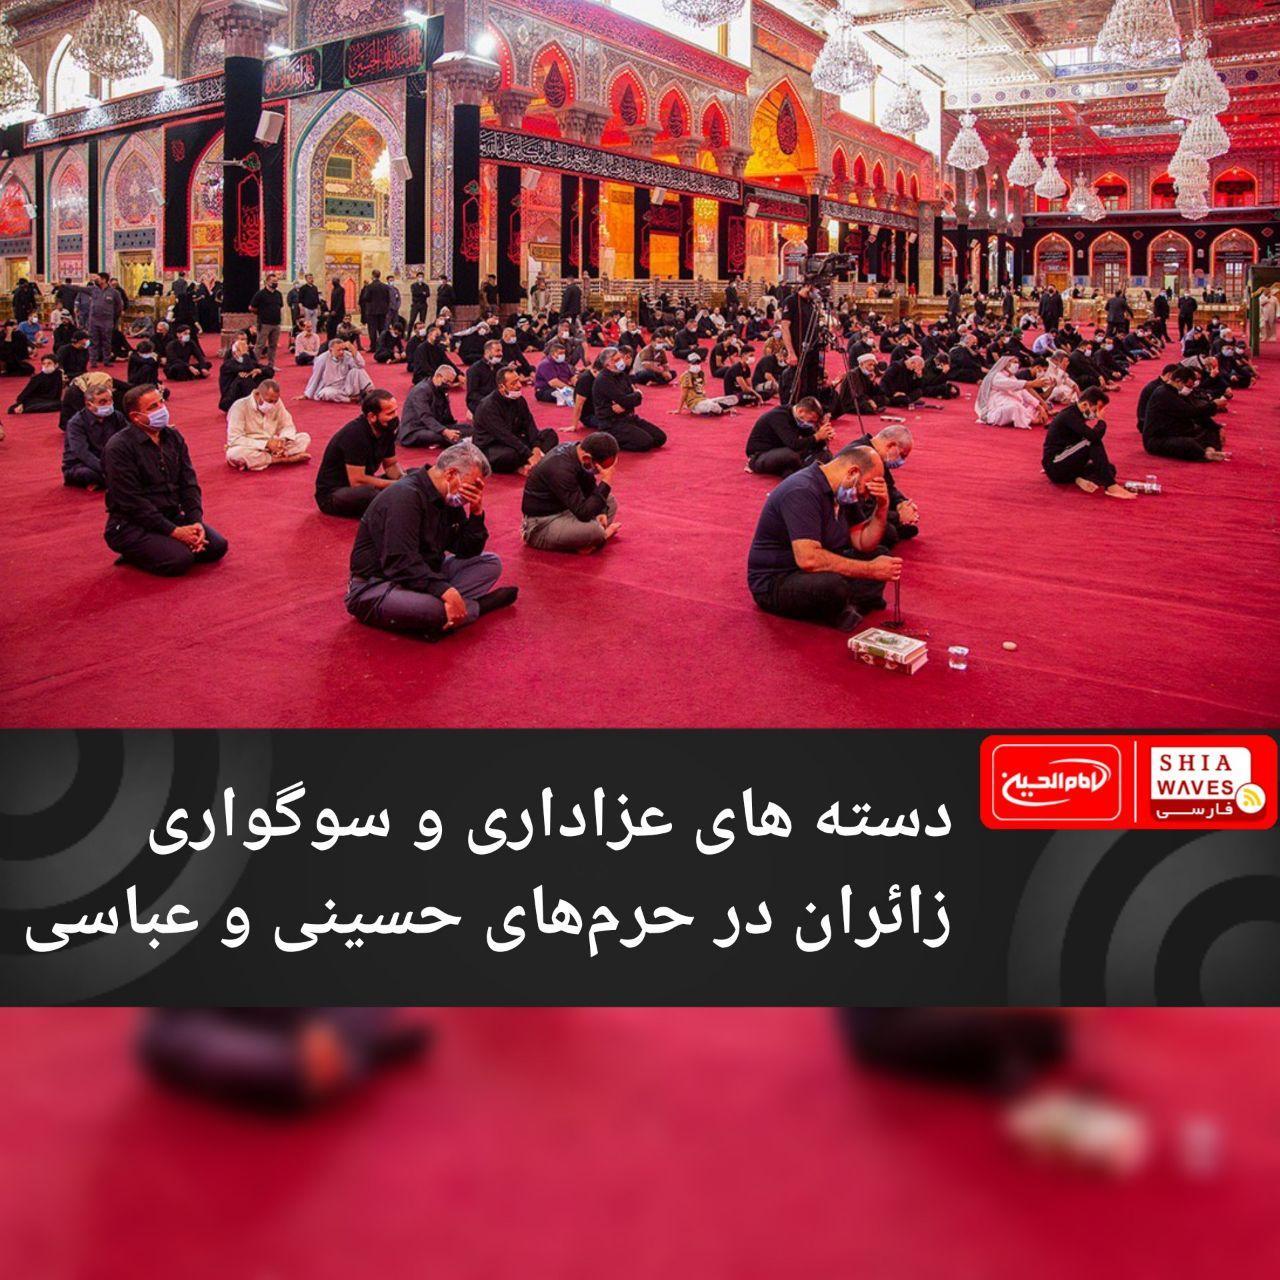 تصویر دسته های عزاداری و سوگواری زائران در حرمهای حسینی و عباسی